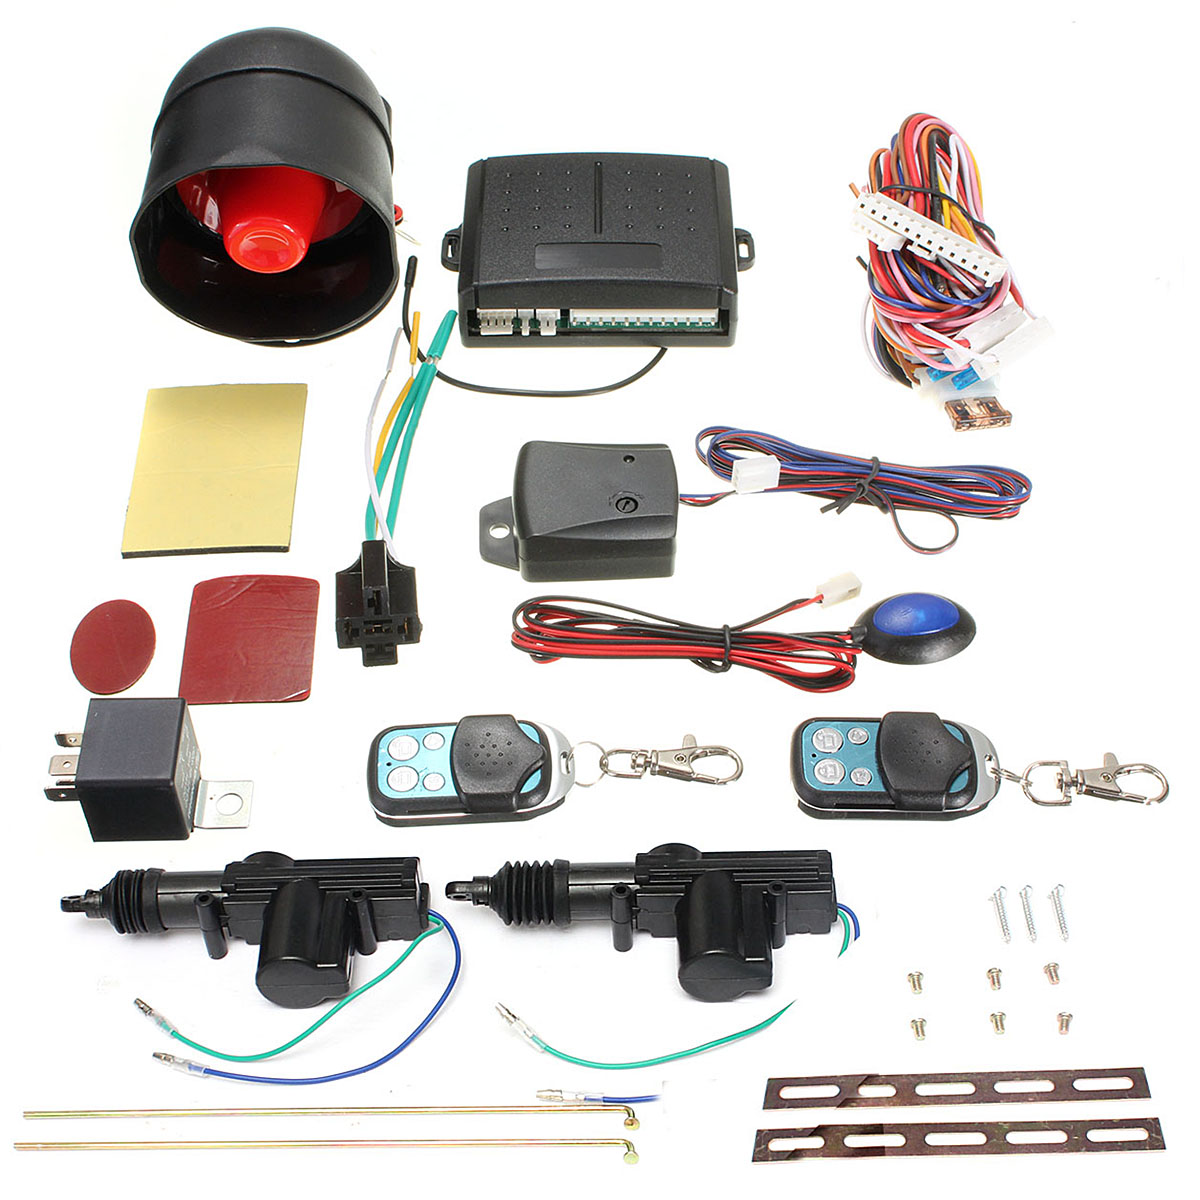 Conjunto de sistemas de alarma coche Auto control remoto Central Kit cerradura de puerta bloqueo vehículo sin llave sistema de entrada con control remoto